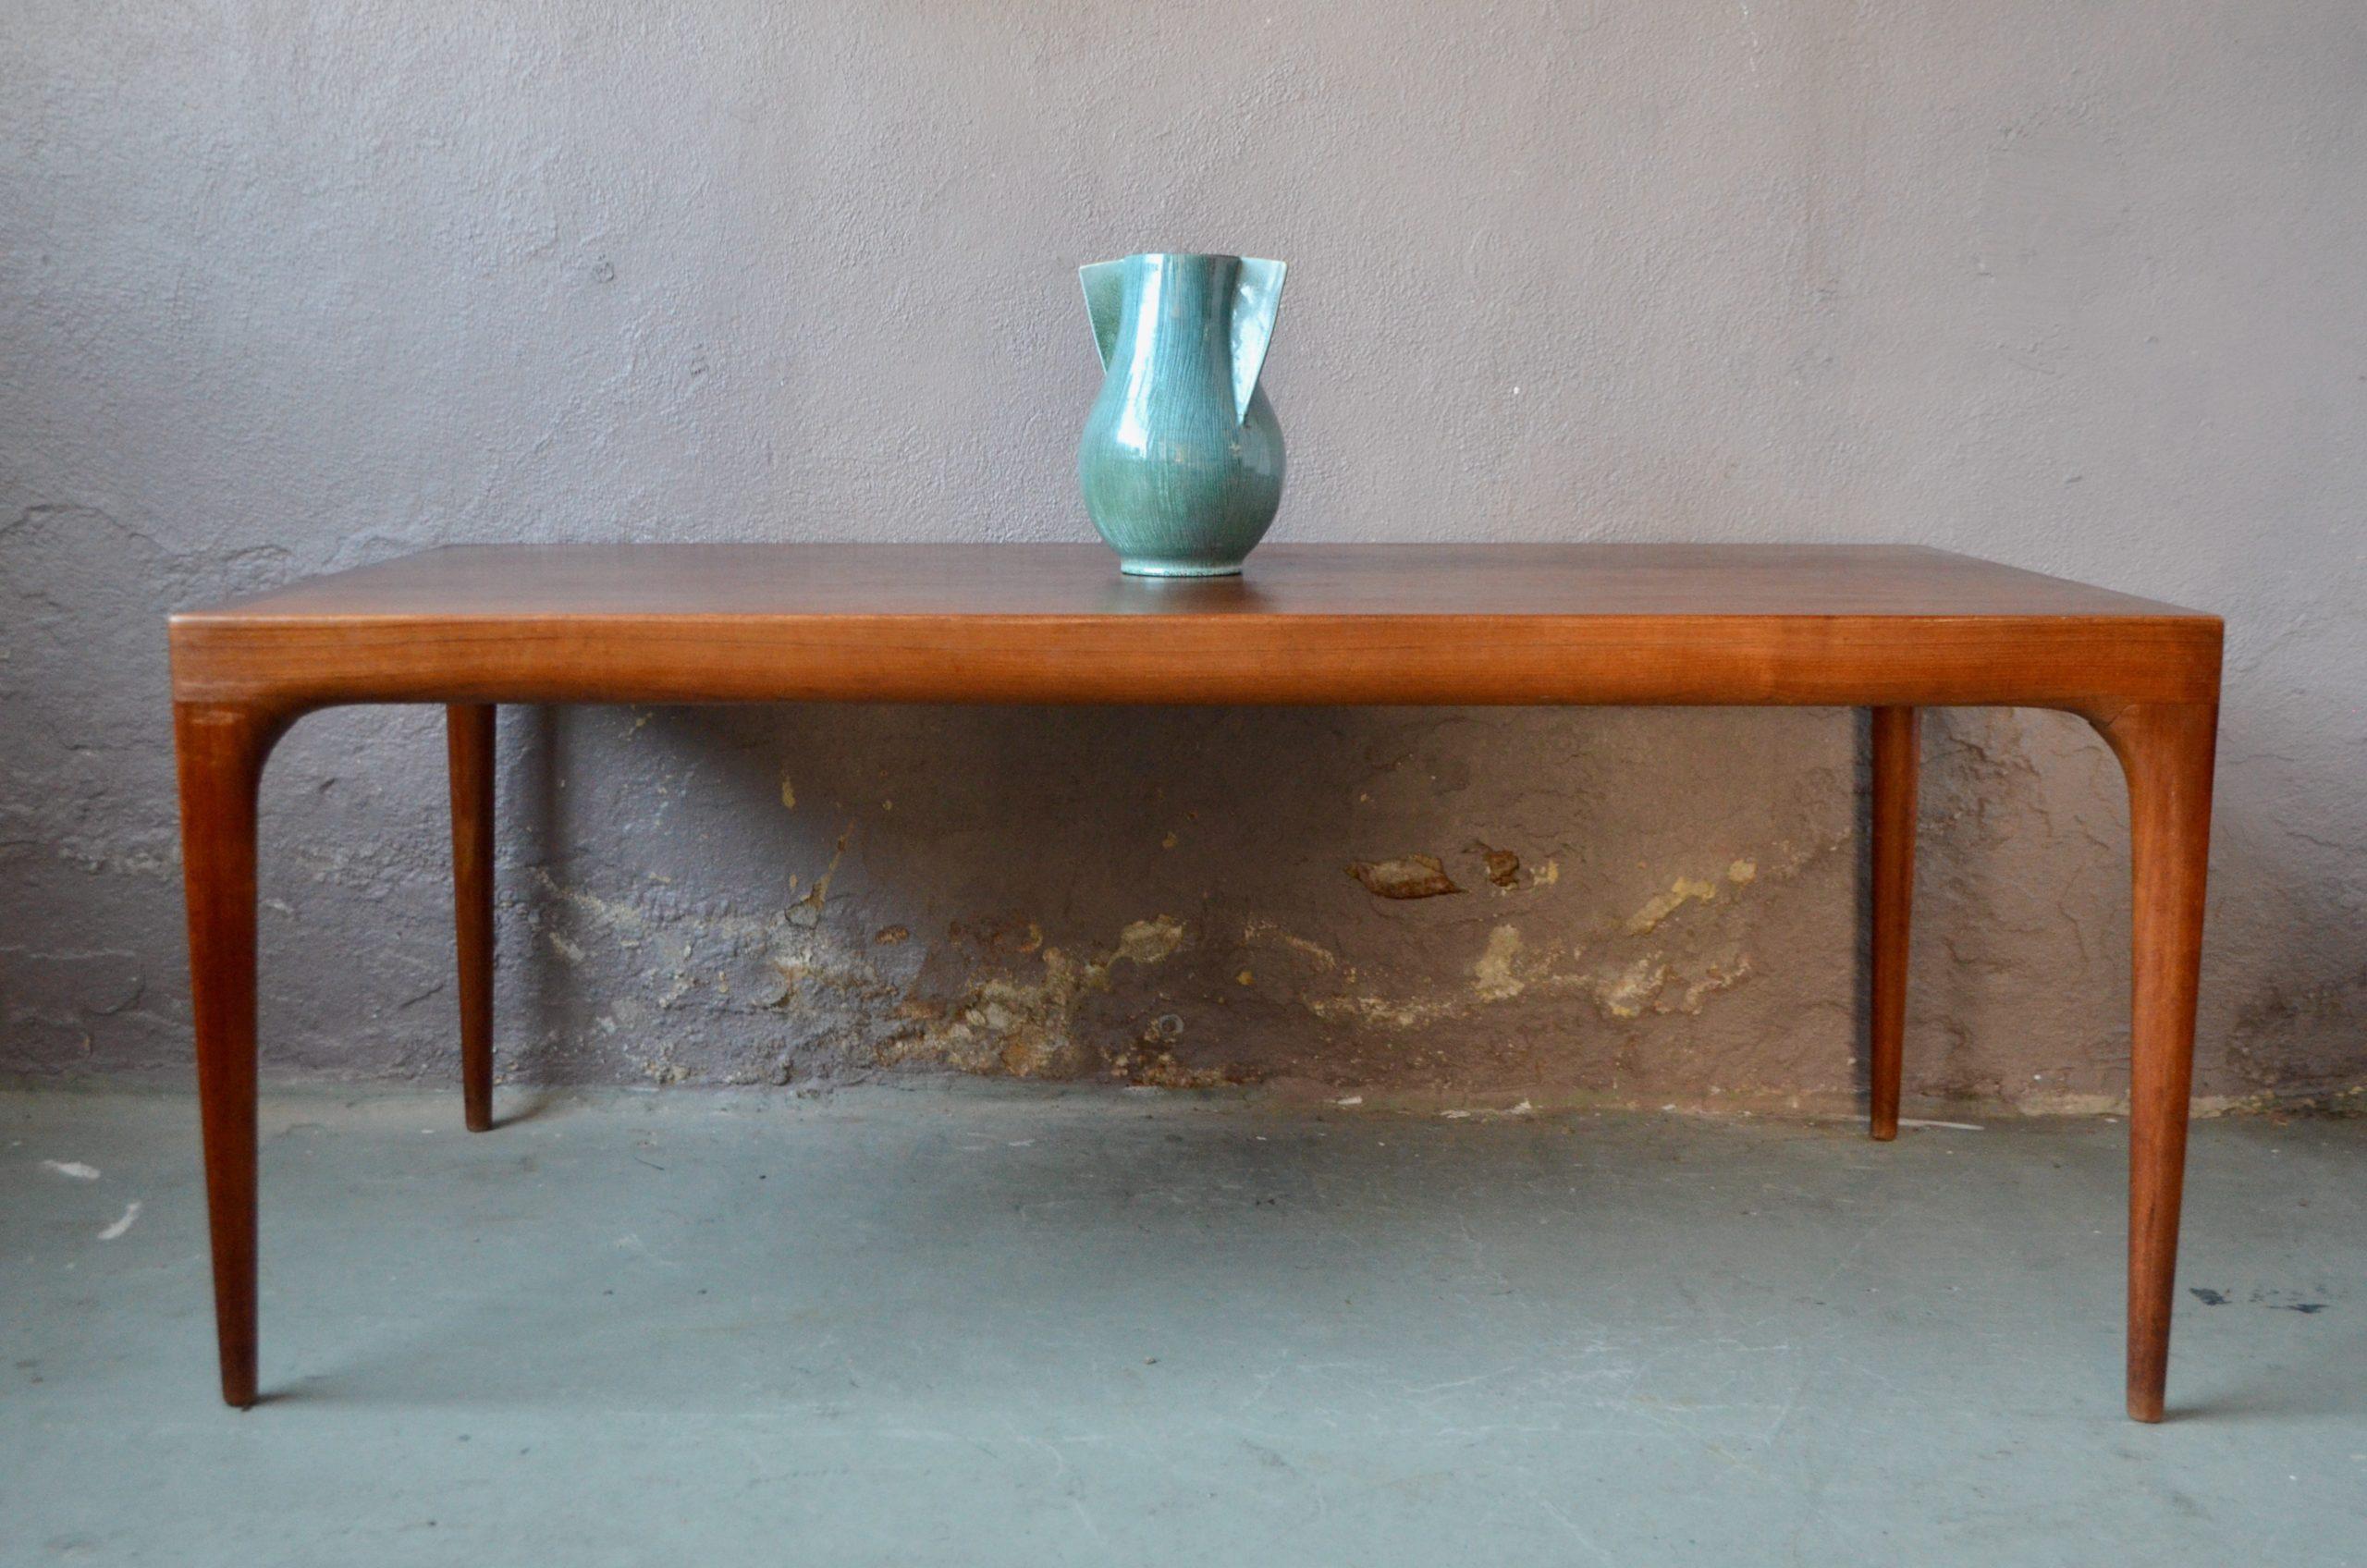 Table Johannes Andersen années 60 vintage rétro scandinave teck design organique danemark